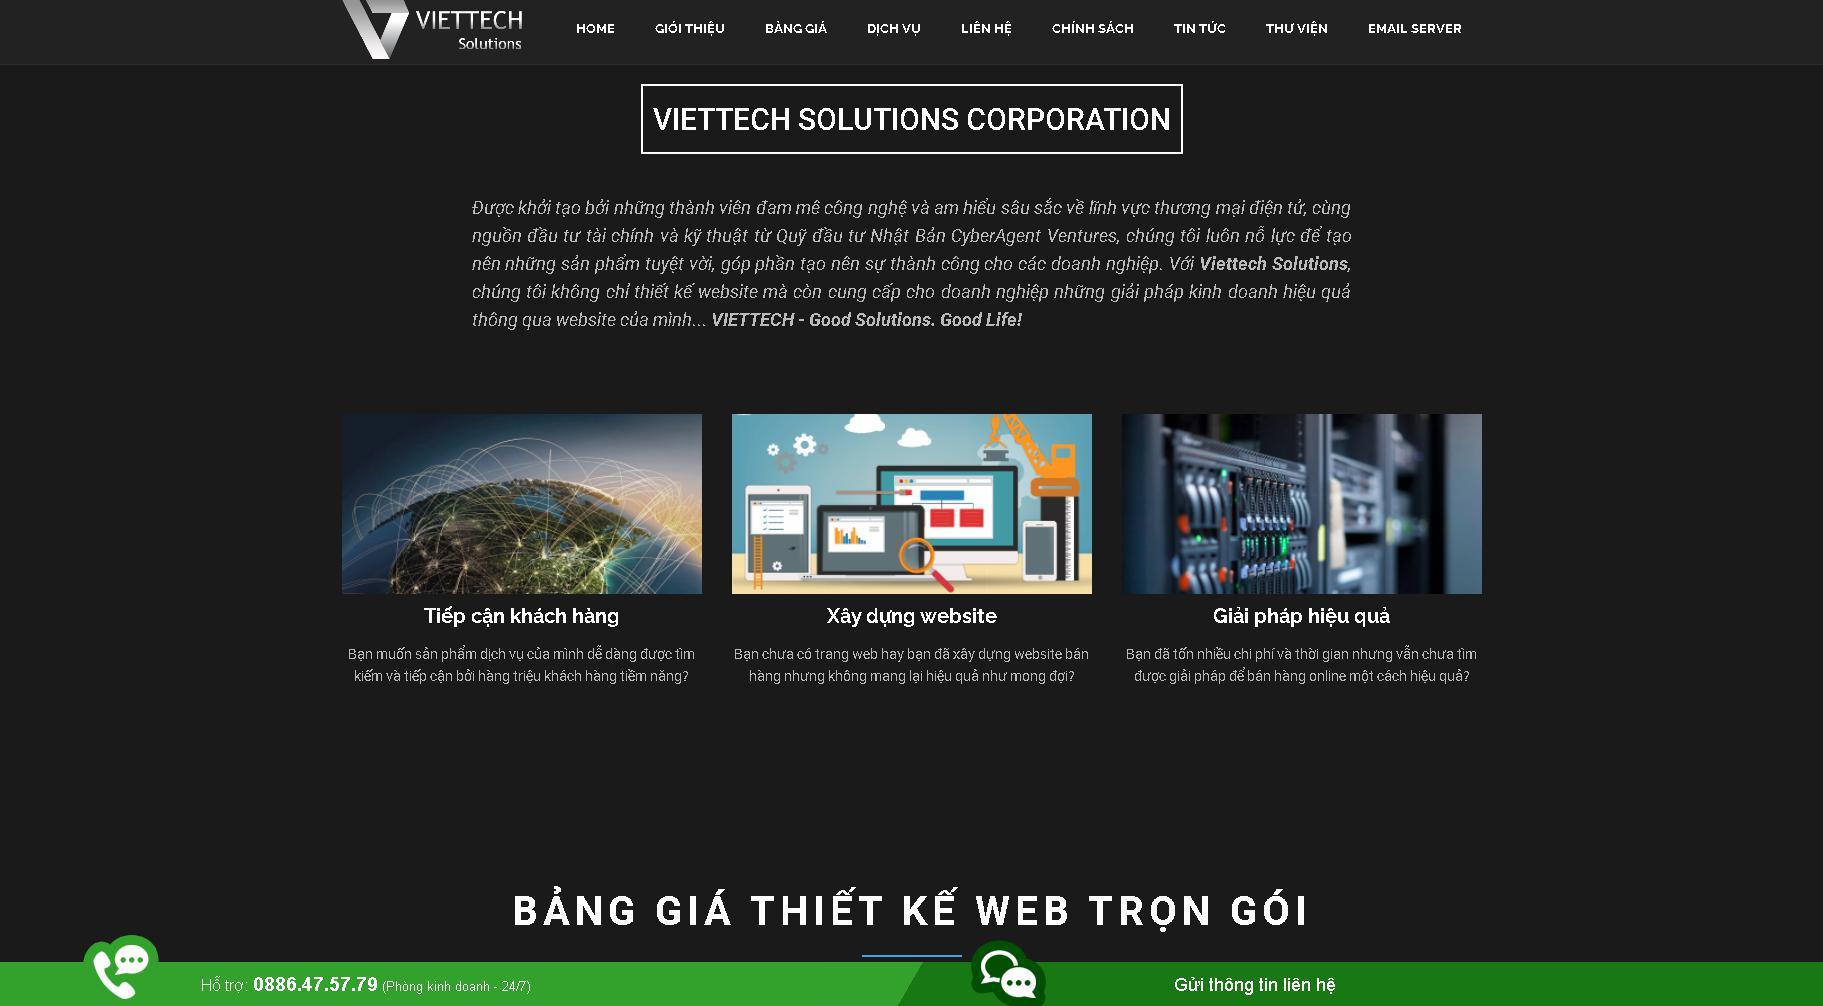 Công ty lập trình website chuyên nghiệp Viettech Solutions